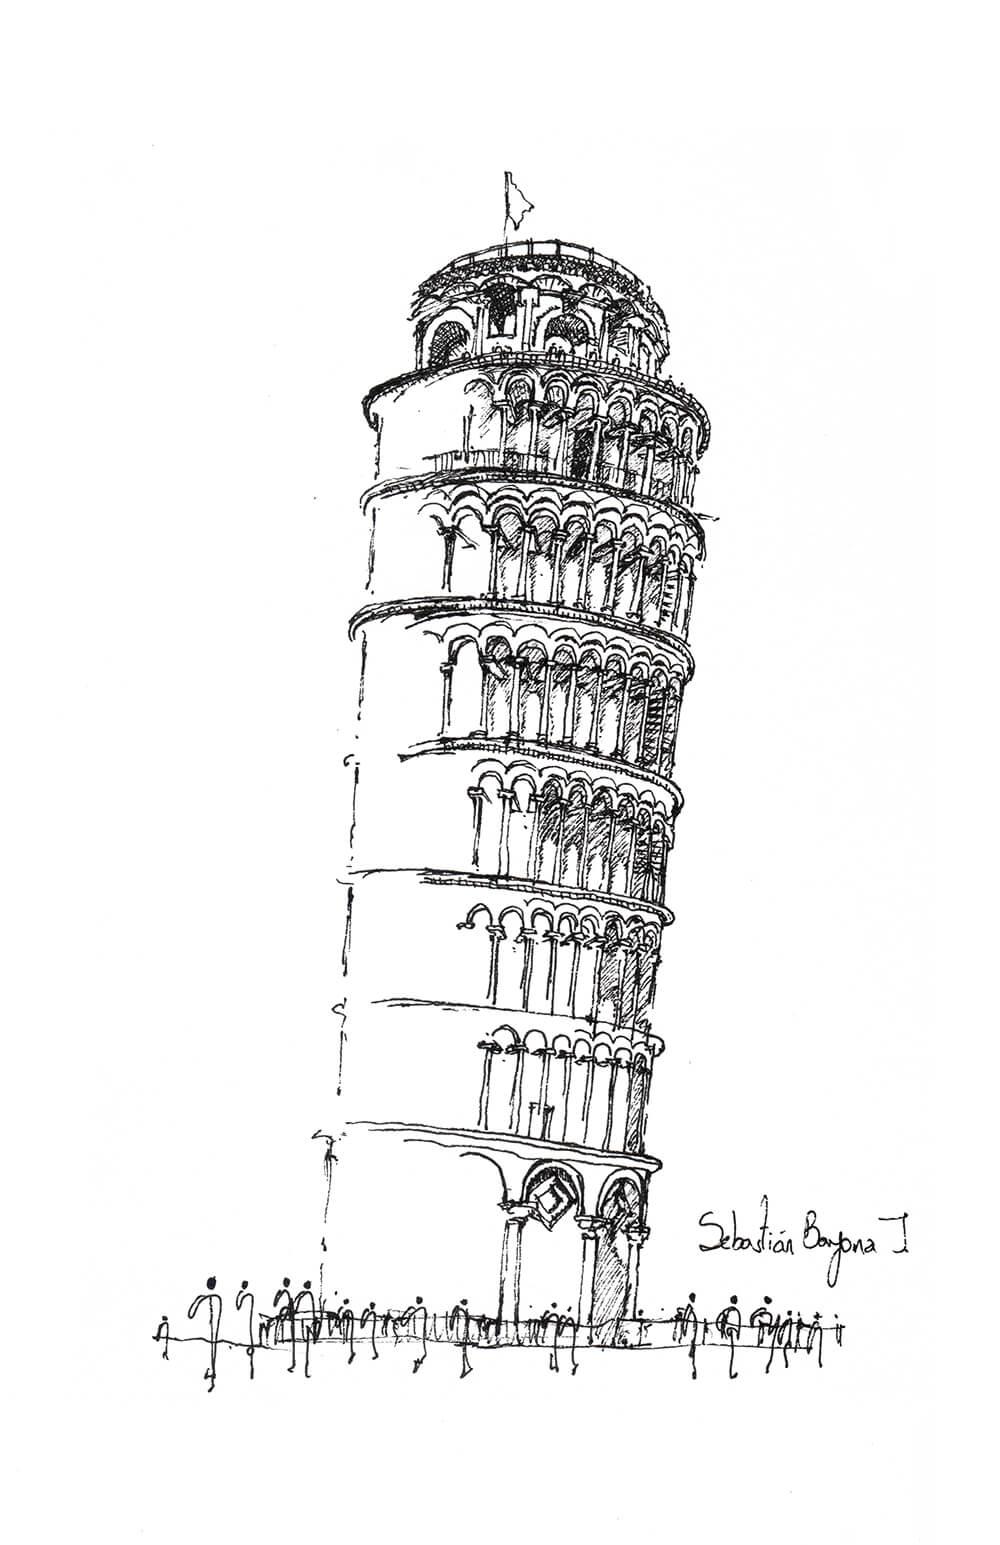 Sebastián Bayona, Torre Pisa, 2015